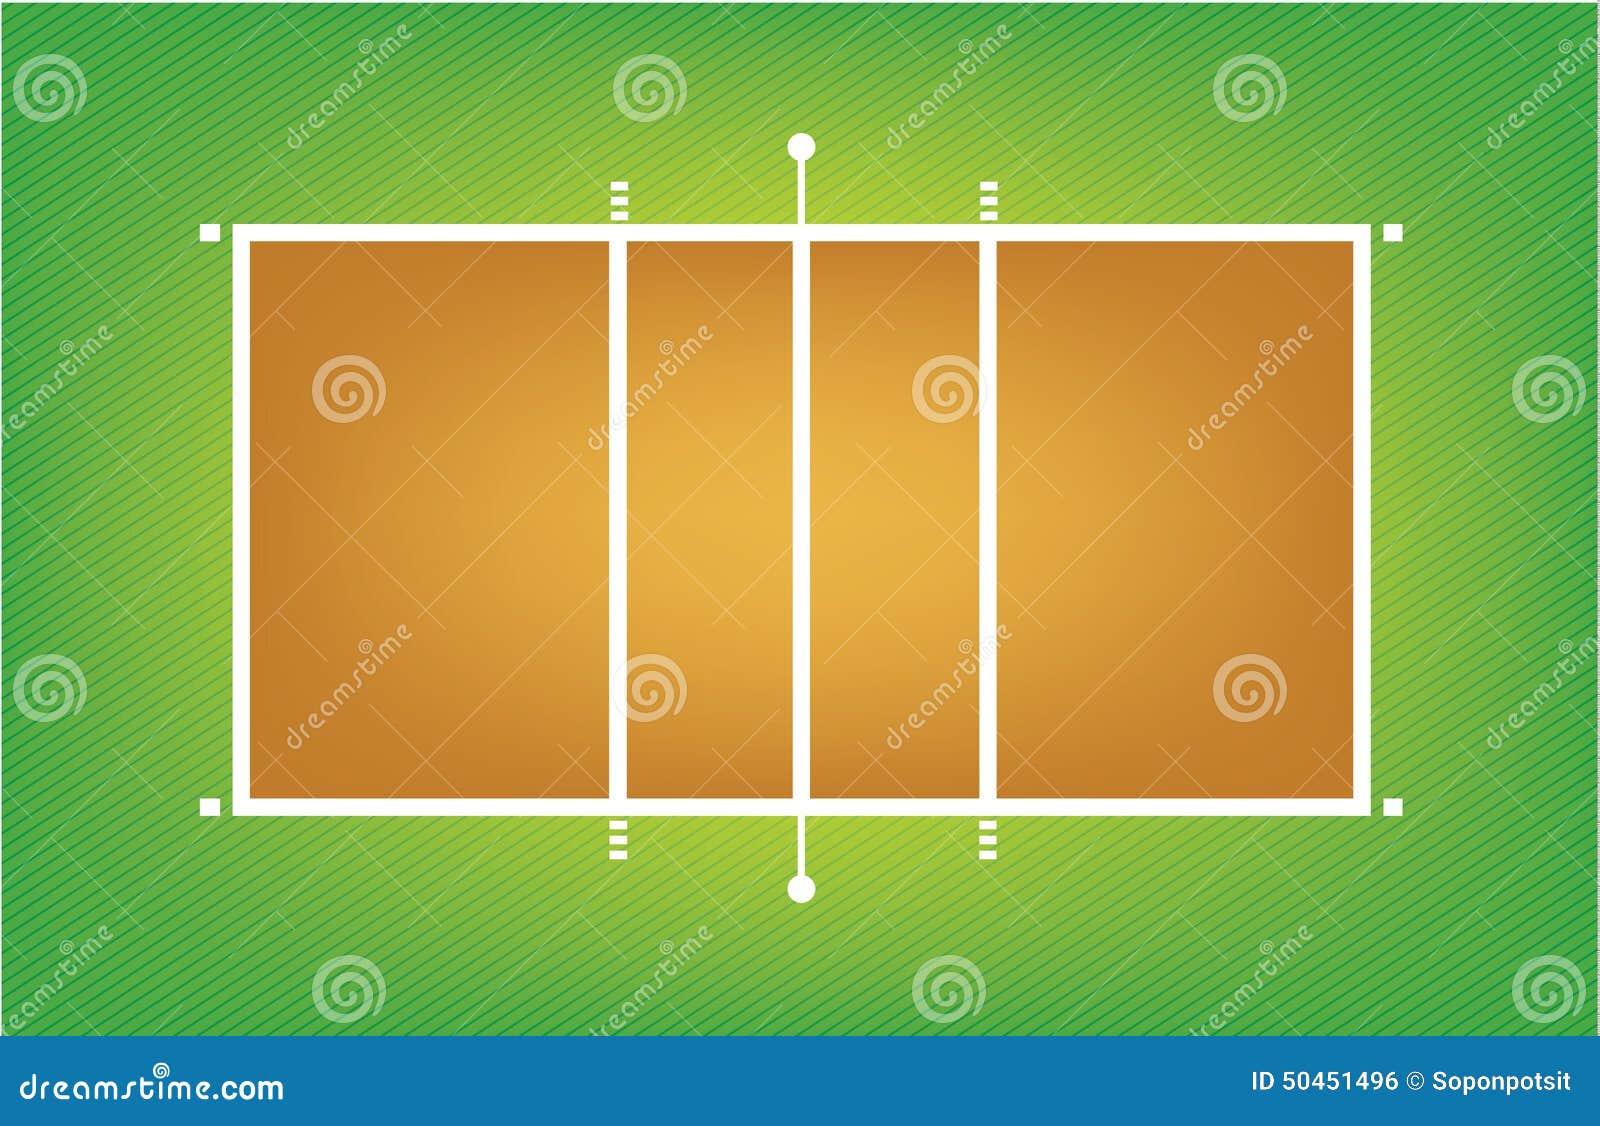 Illustrazione della corte o del campo di pallavolo - Campi da pallavolo gratis stampabili ...